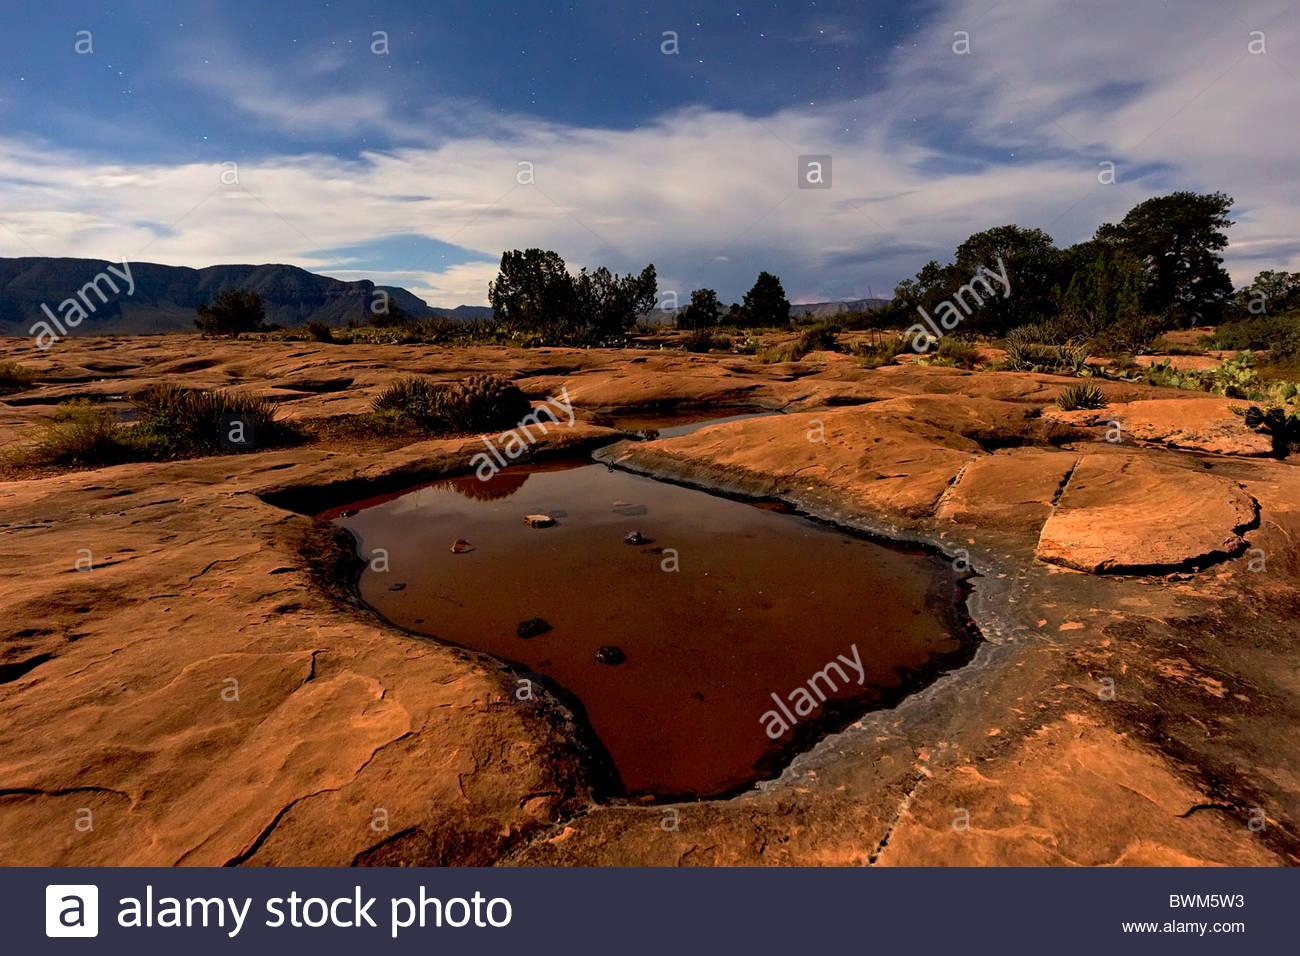 El agua de lluvia se recoge en varios baches en el paisaje desértico de arenisca dura, en Tuweep, Arizona. Imagen De Stock